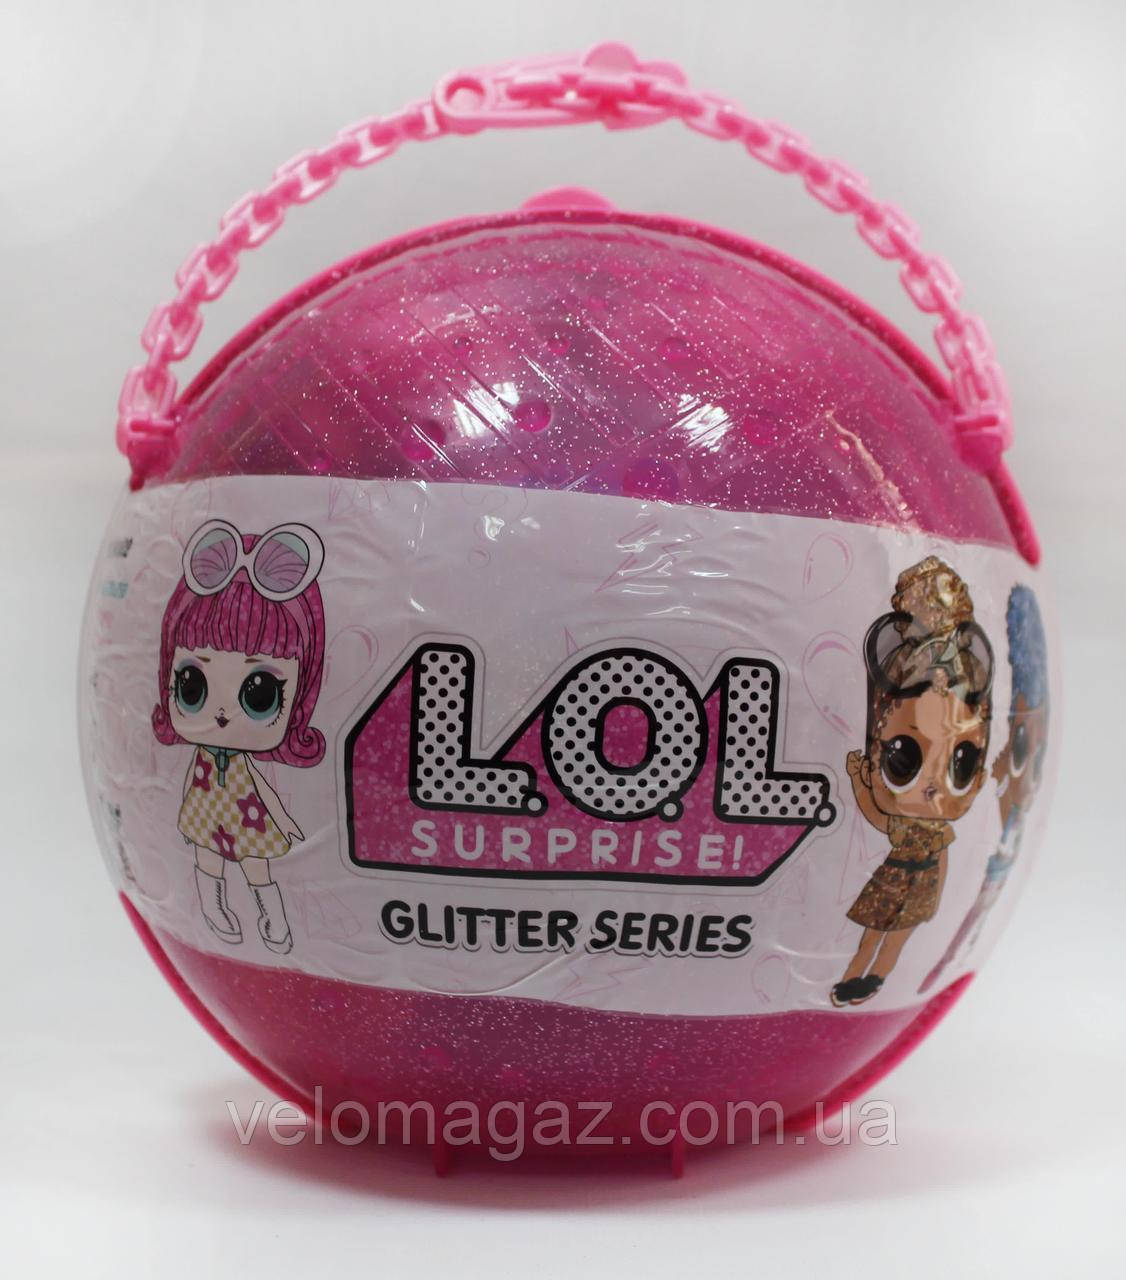 Набор LOL Surprise ЛОЛ серии GLITTERS в жемчужном шаре BB62, реплика, жемчужно-розовый